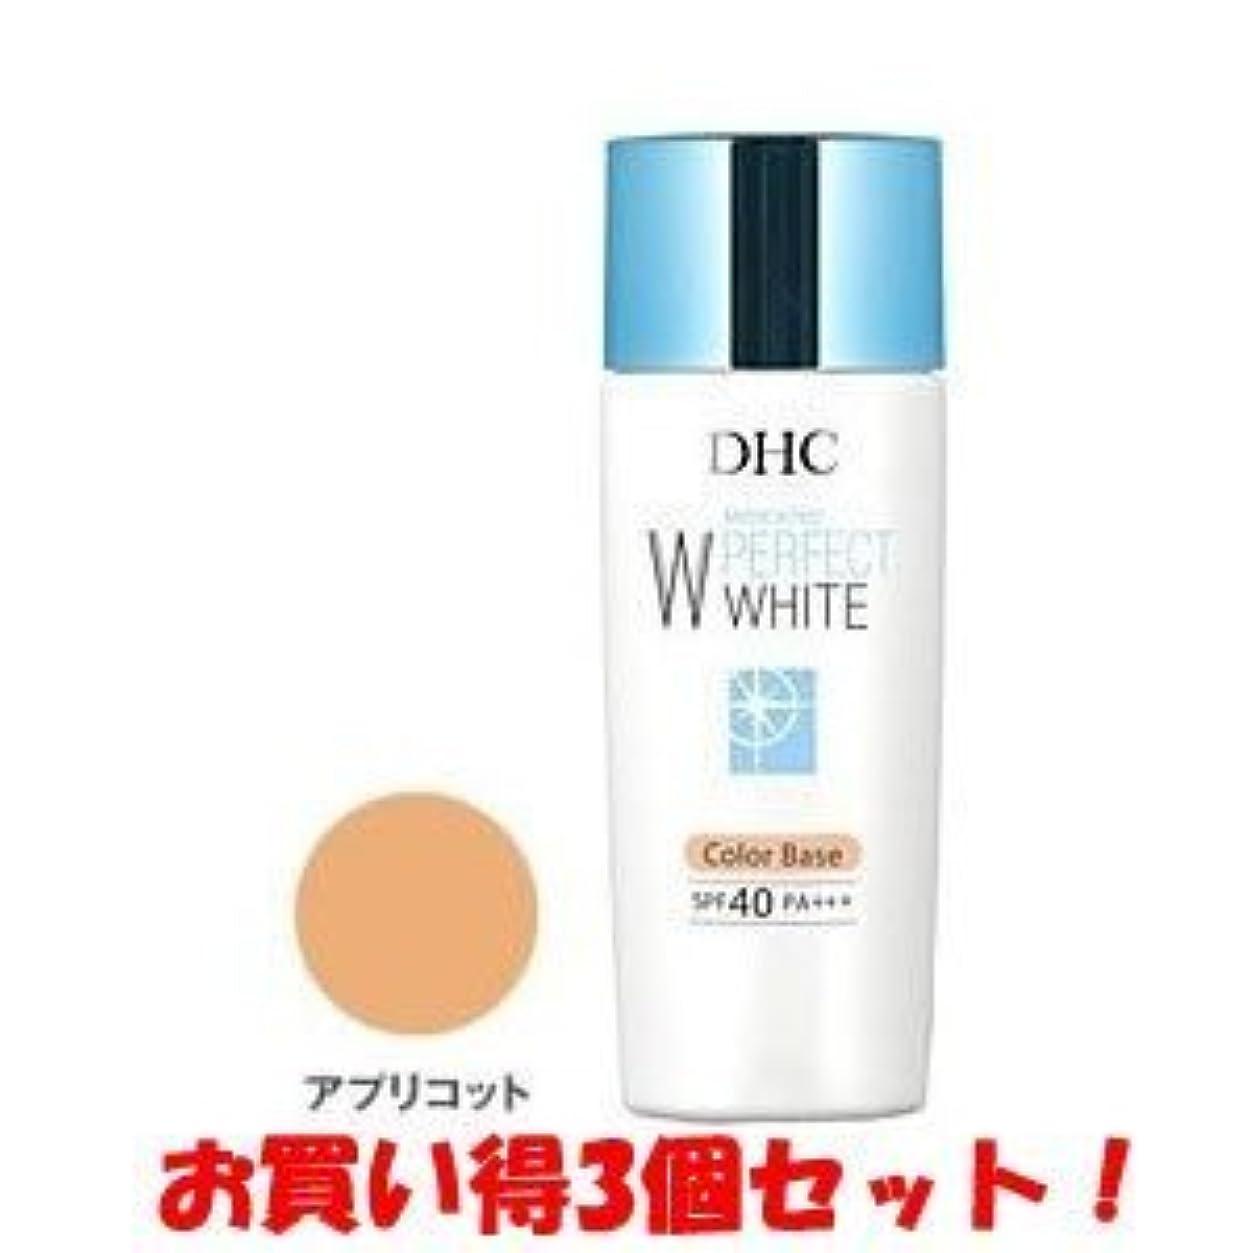 適性リベラル陽気なDHC 薬用パーフェクトホワイト カラーベース アプリコット 30g(医薬部外品)(お買い得3個セット)